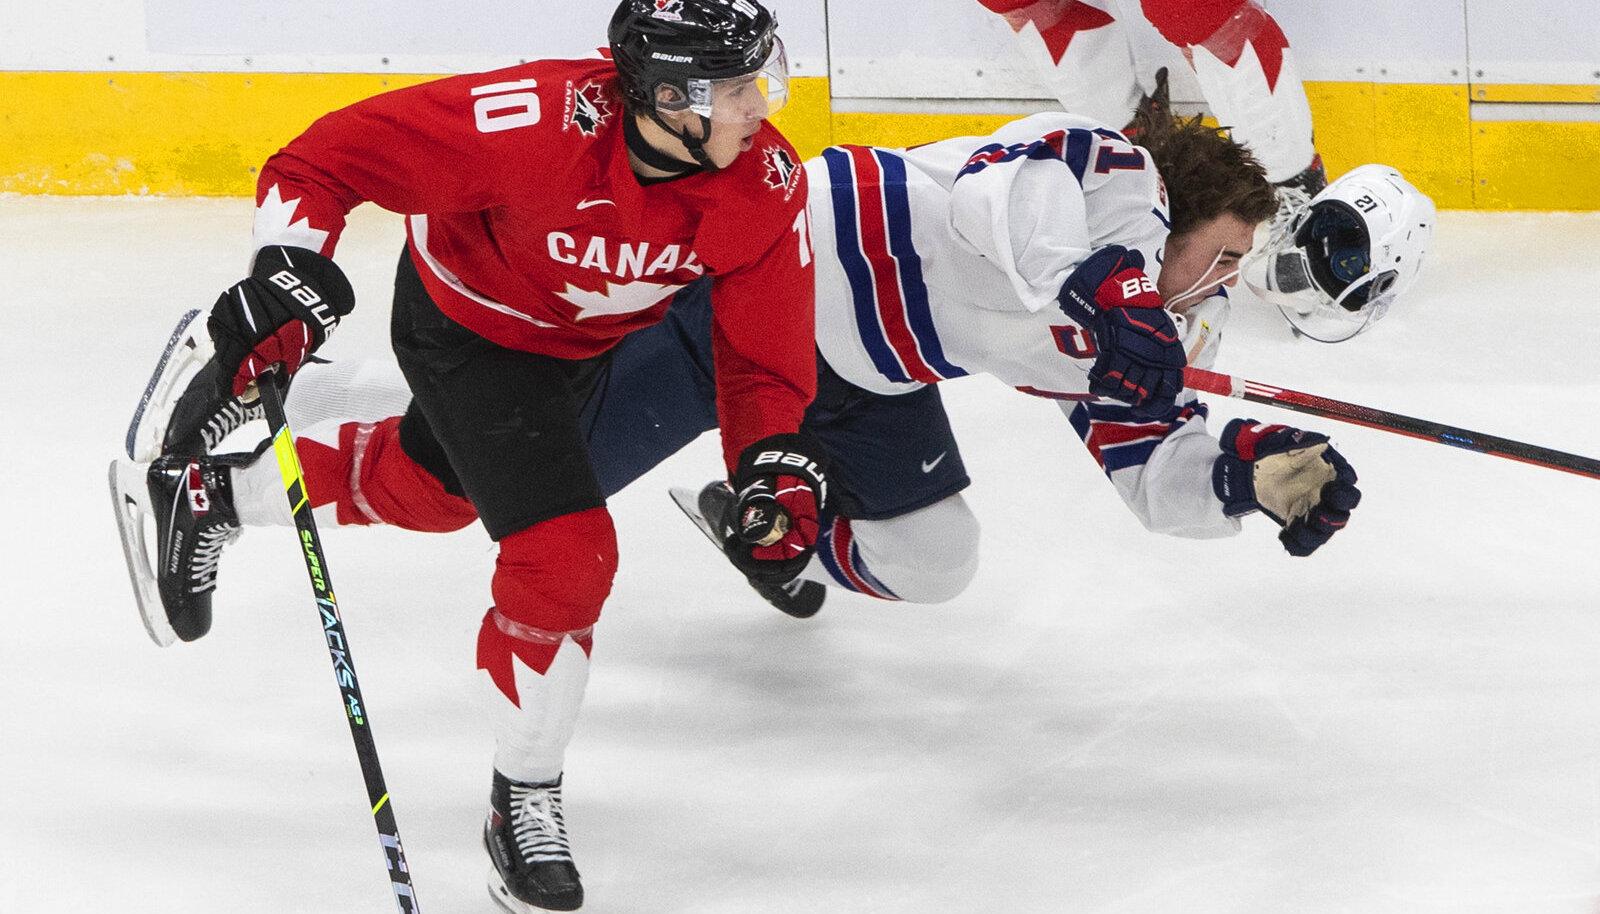 Kanada (U20) vs USA (U20)